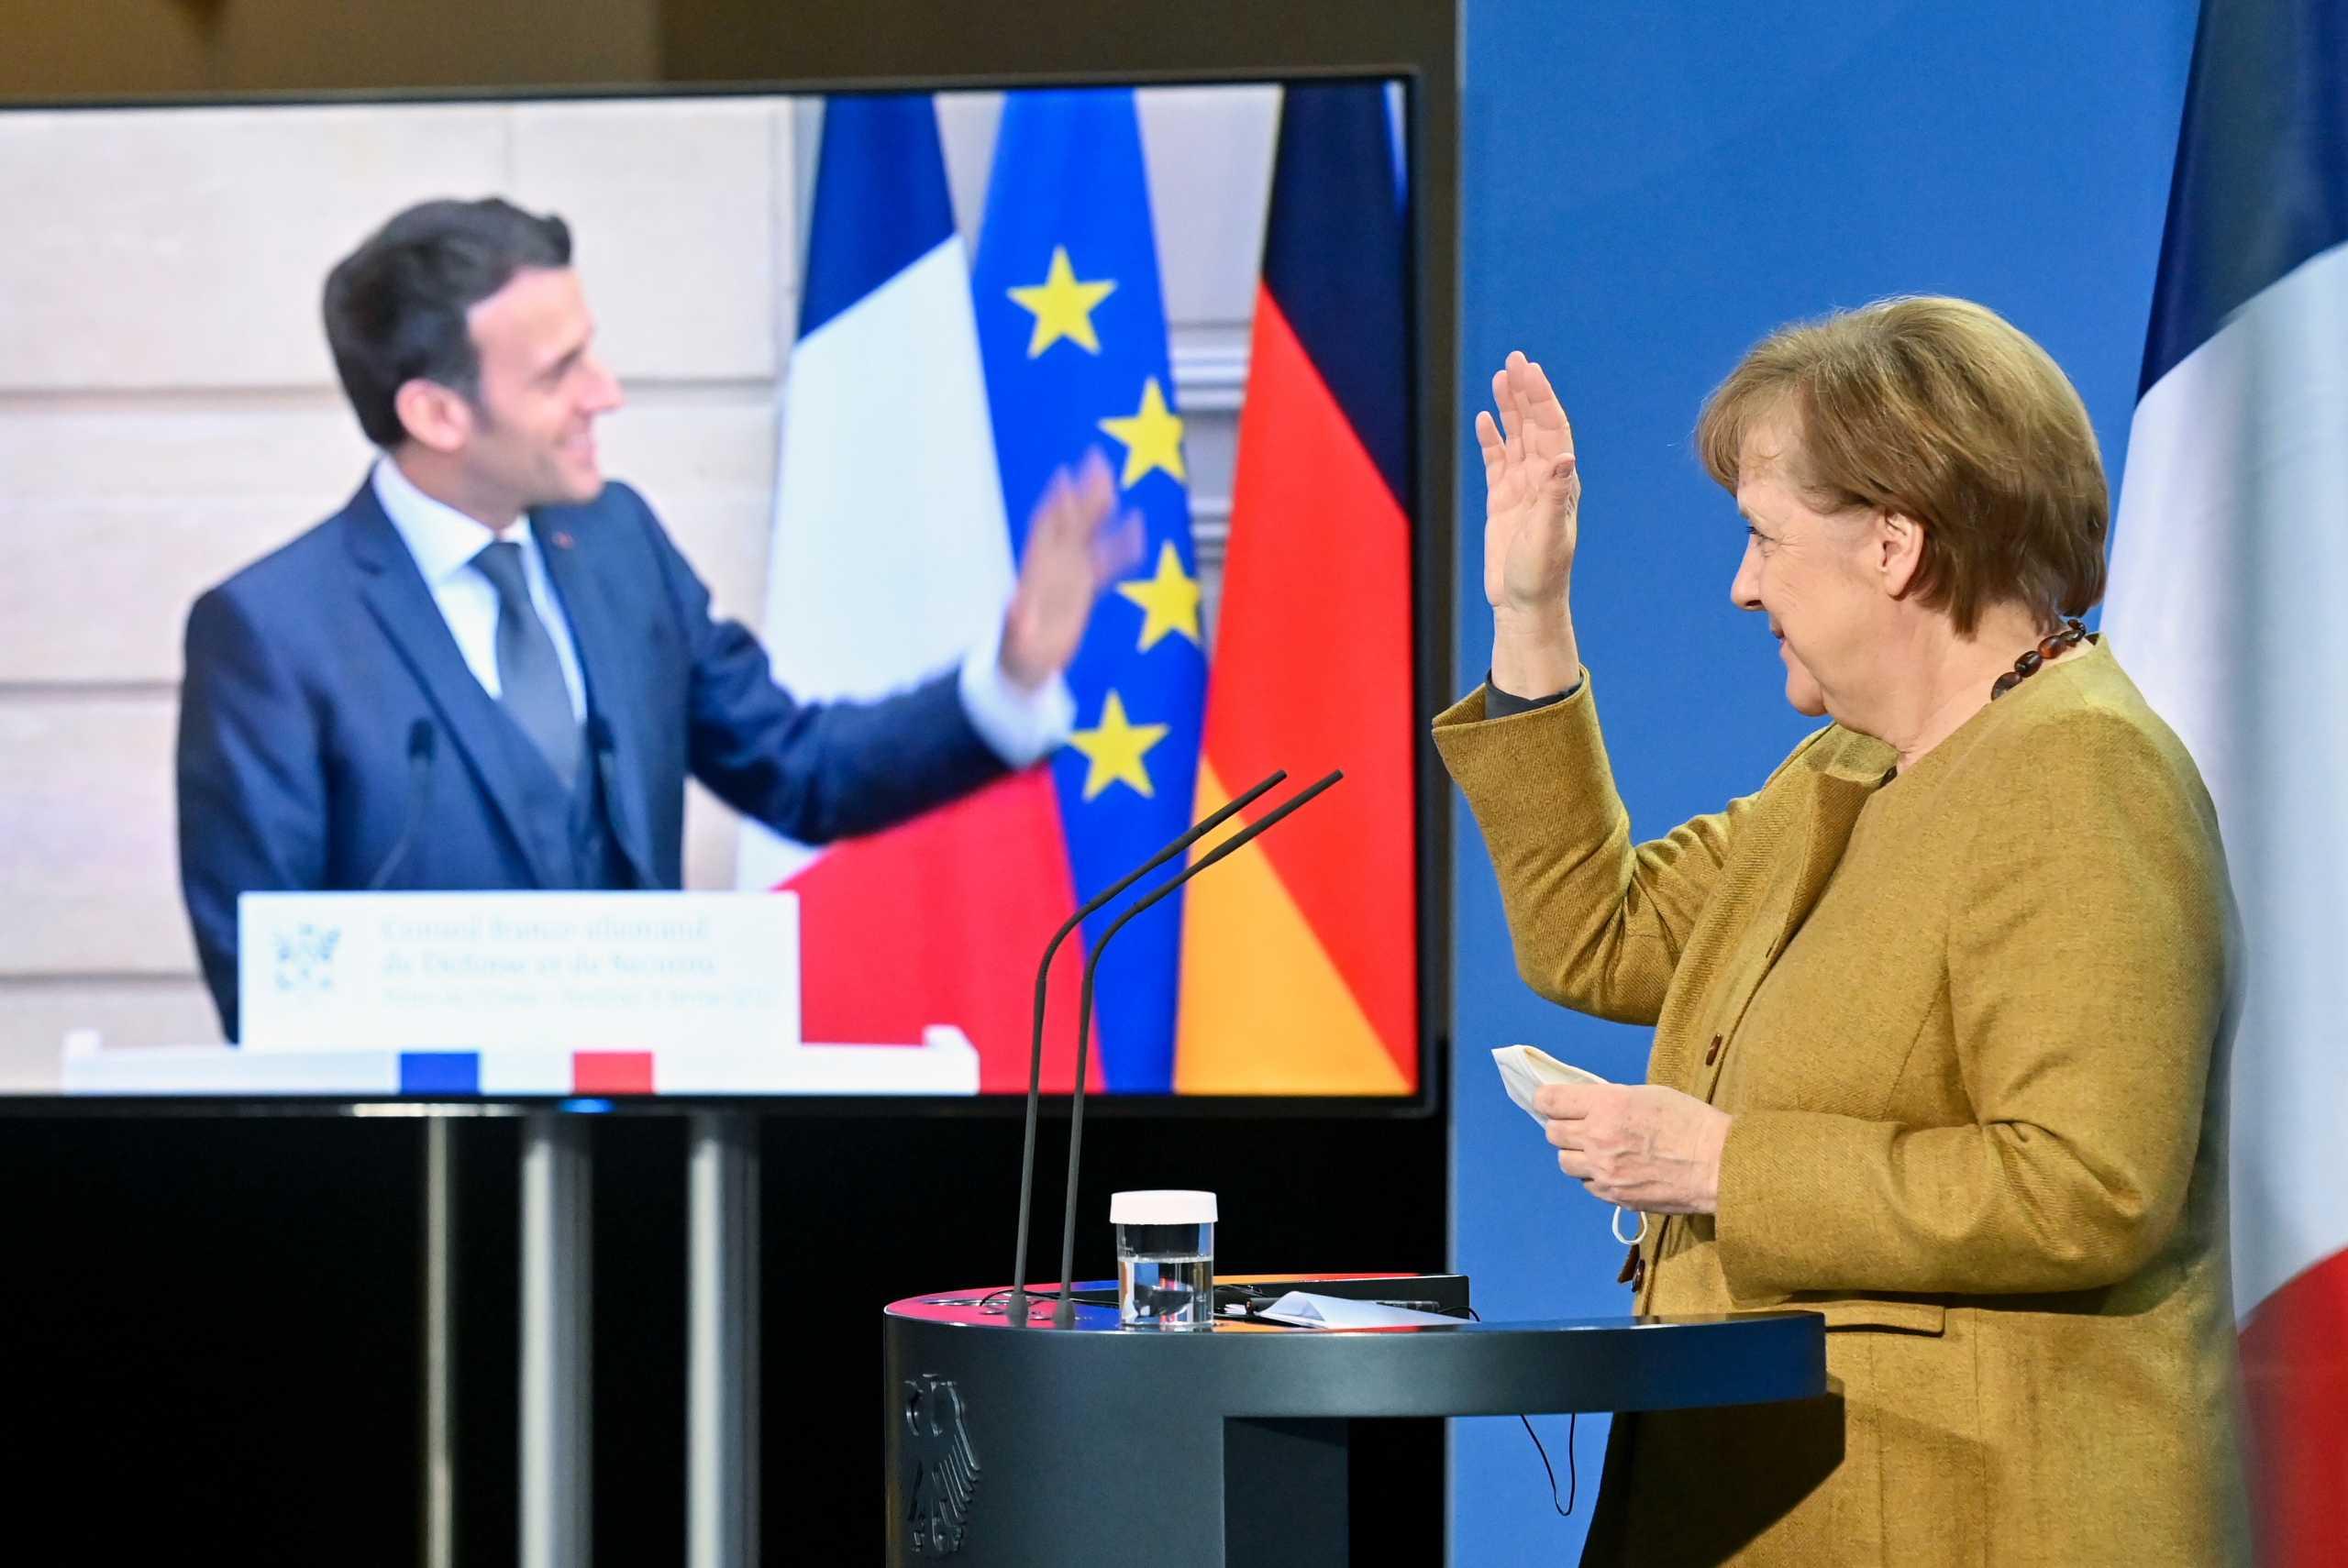 Γαλλία και Γερμανία στηρίζουν τη στρατηγική της Κομισιόν για τους εμβολιασμούς